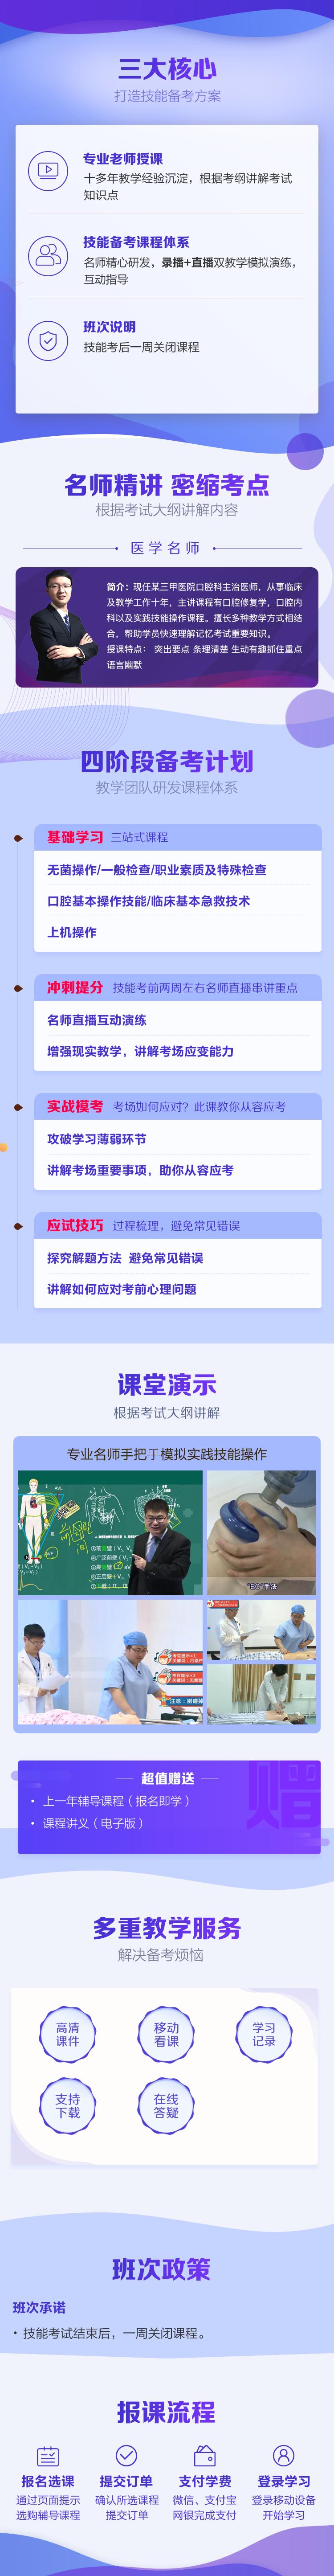 医学教育网口腔执业医师技能特色班